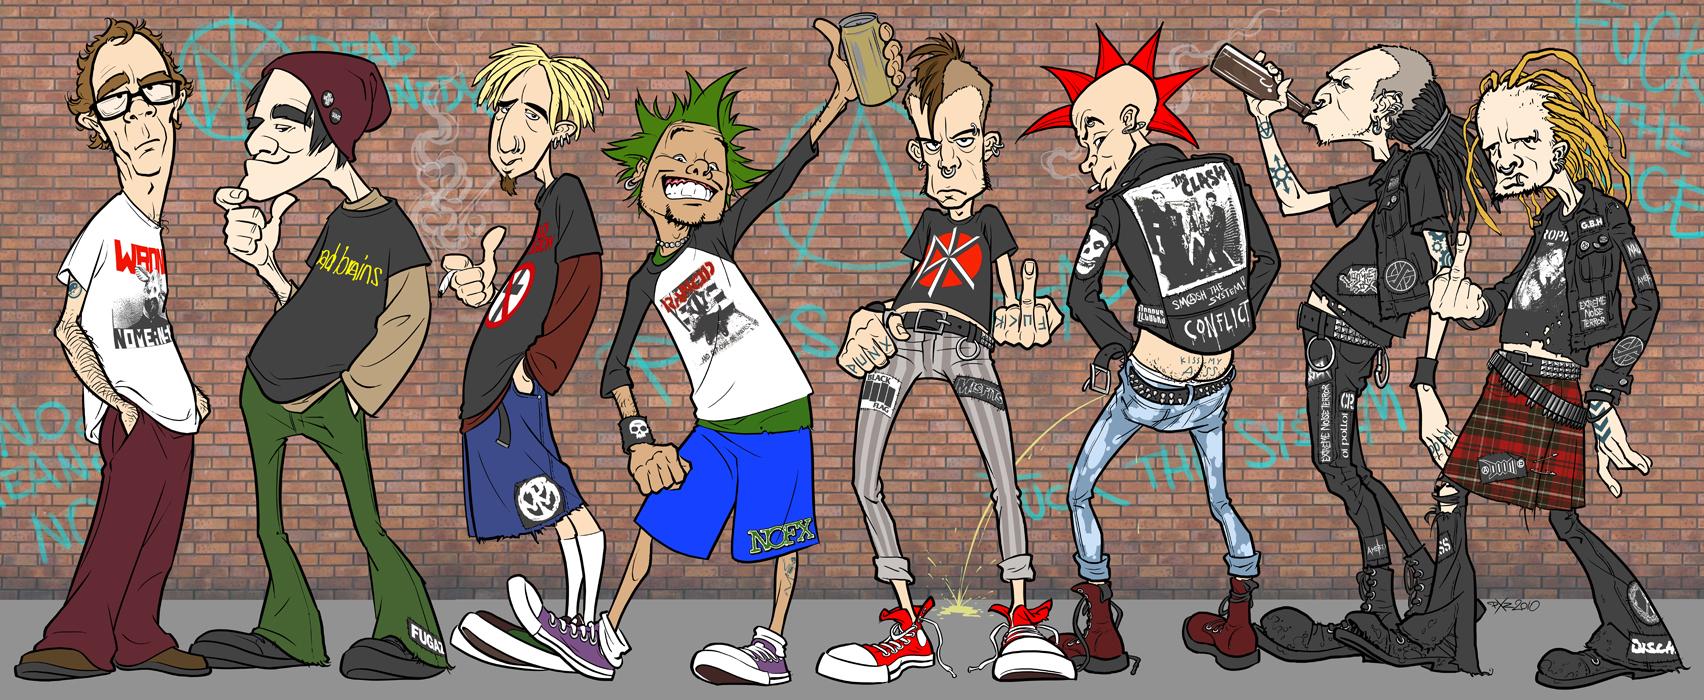 Бумаги, панк приколы в картинках